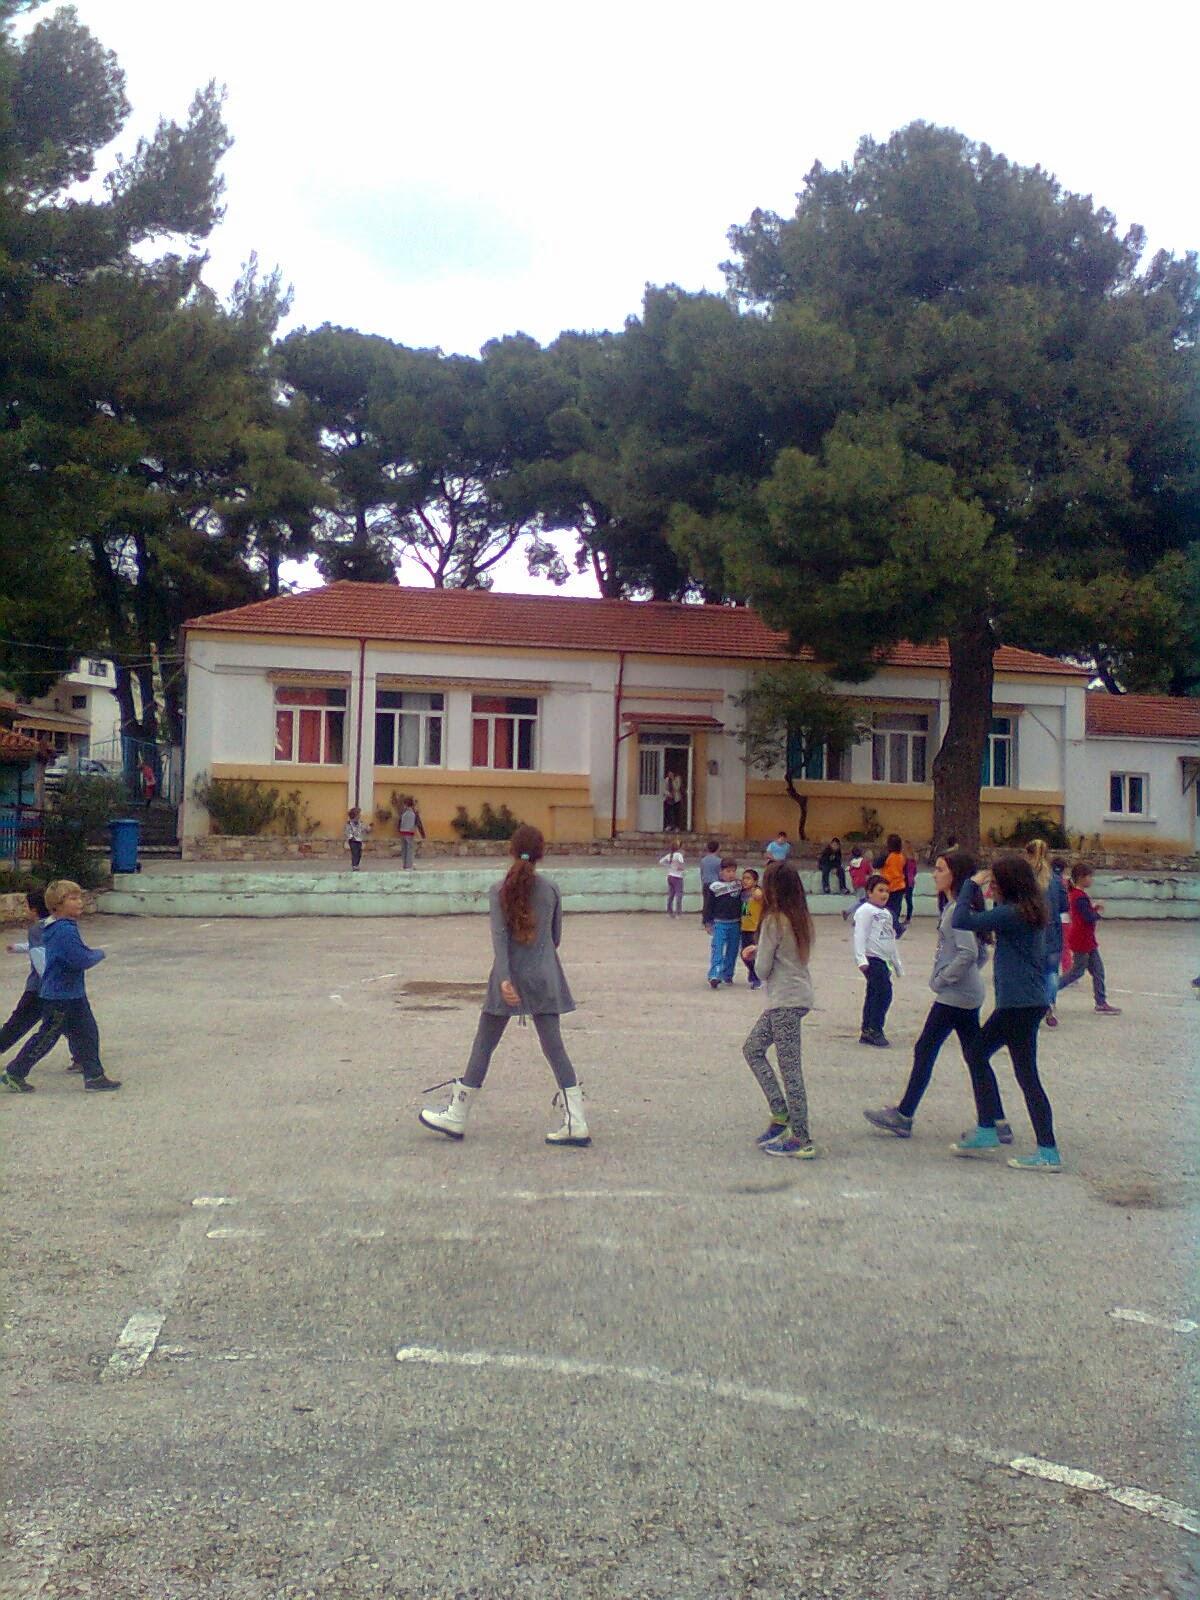 Ιστολόγιο 6/Θ  Δημοτικού Σχολείου Αλοννήσου